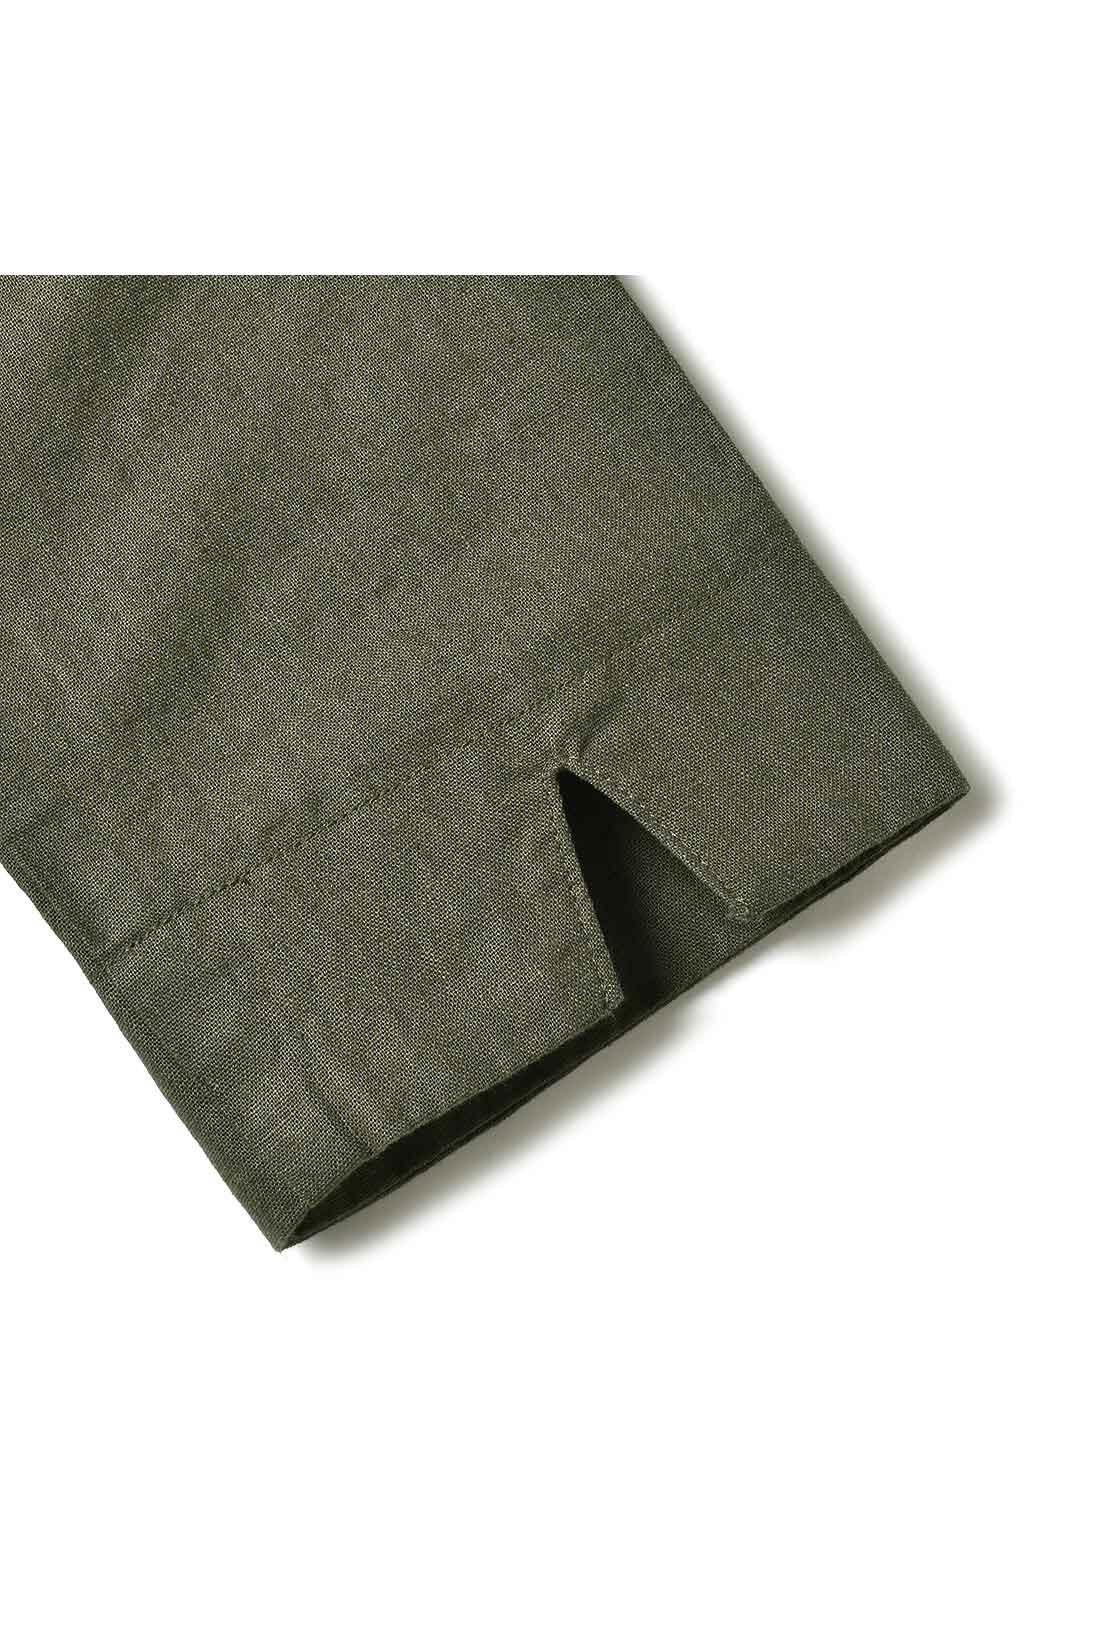 袖に入ったスリットがアクセント。